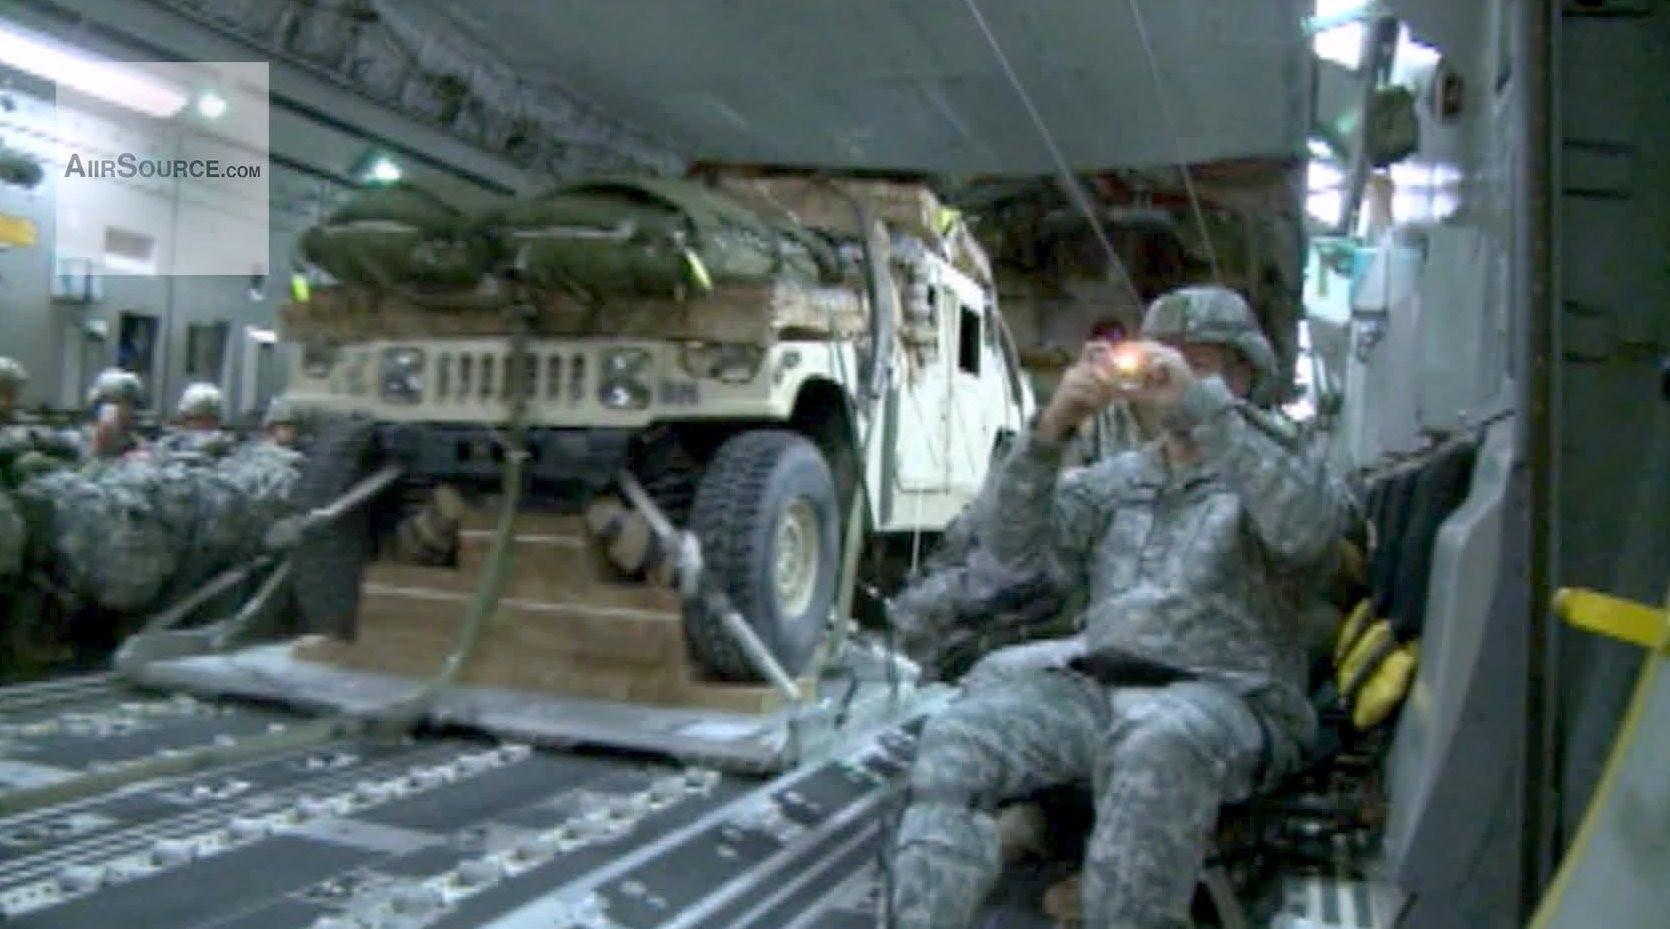 Humvee Airdrop From C.